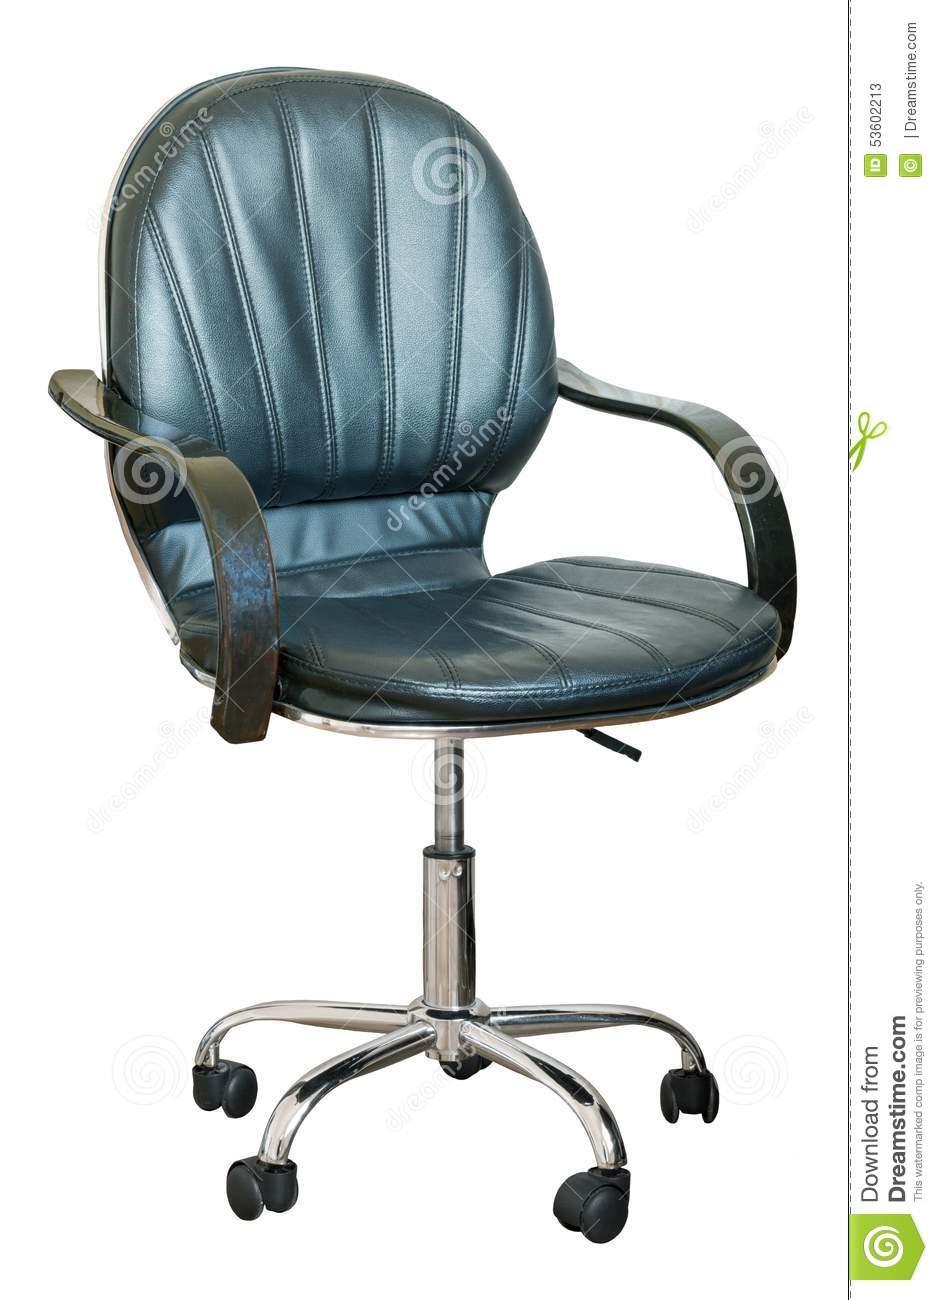 Chaise d ordinateur le monde de l a for Le monde de la chaise